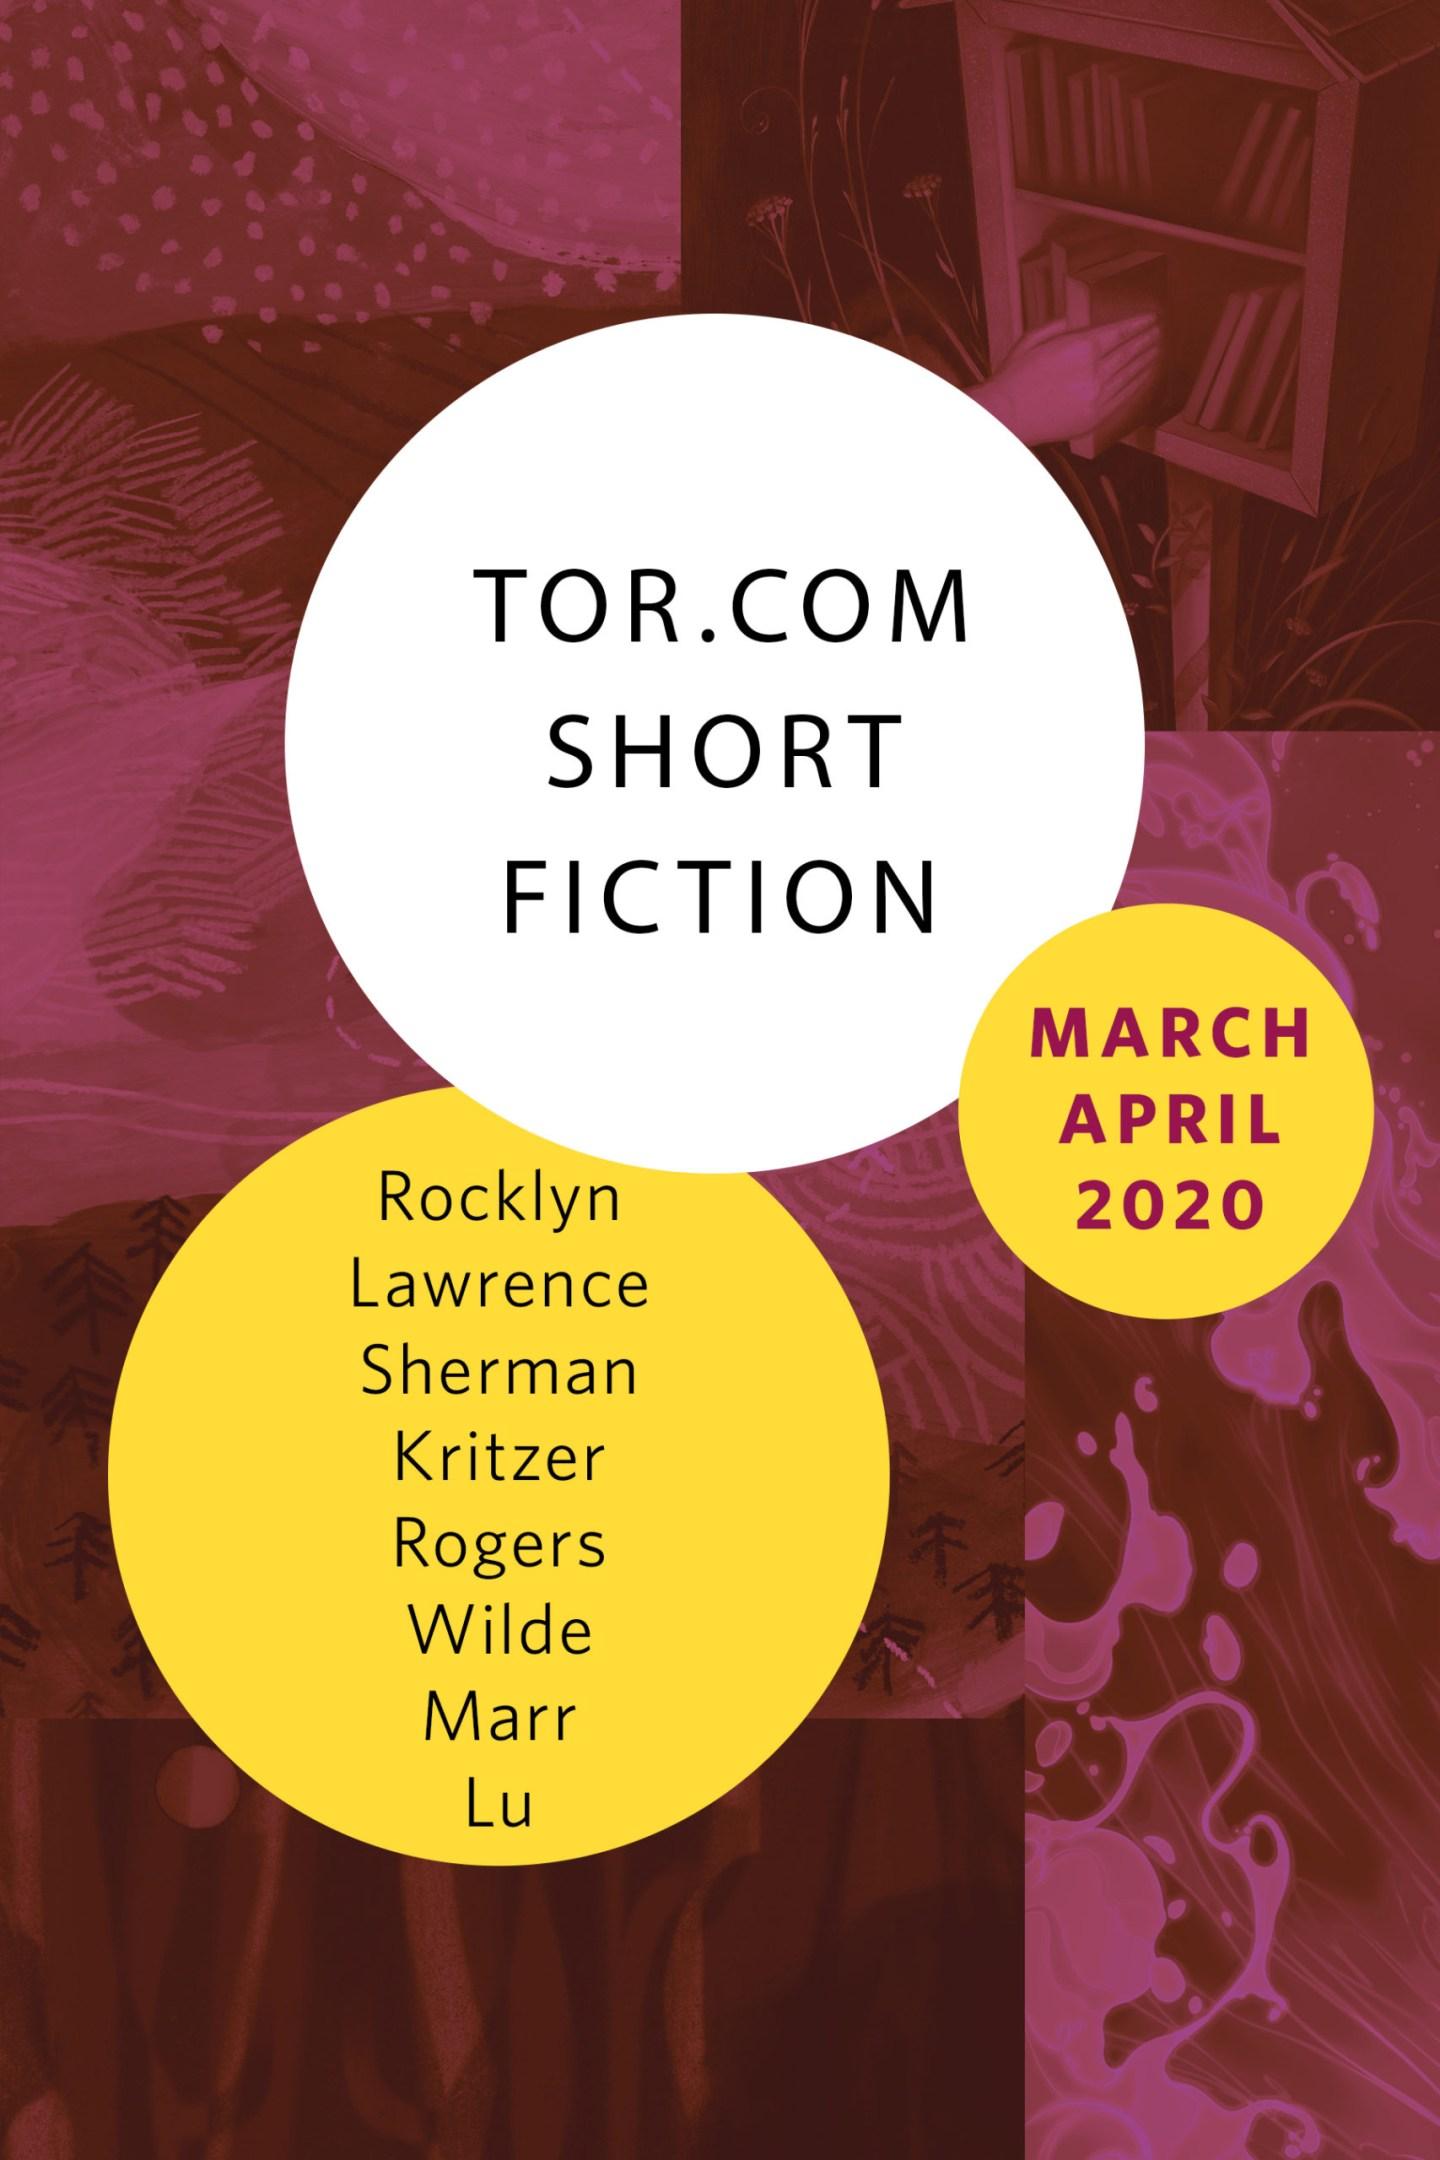 Tor.com Short Fiction March-April 2020